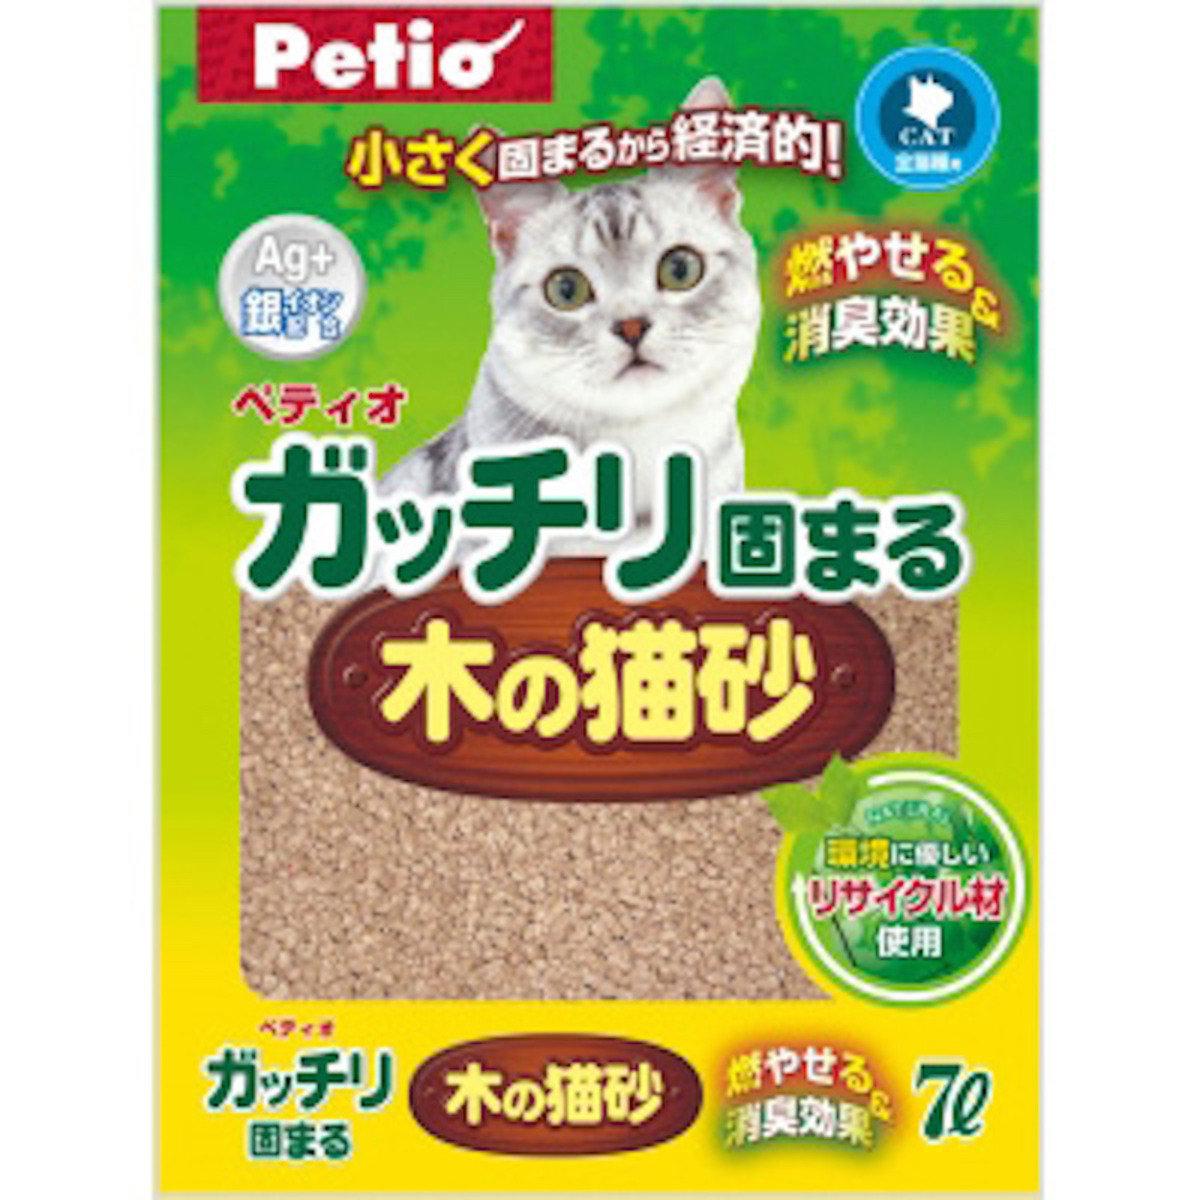 [日本直送]貓專用 Petio 特強凝結抗菌木砂(W21156)7L